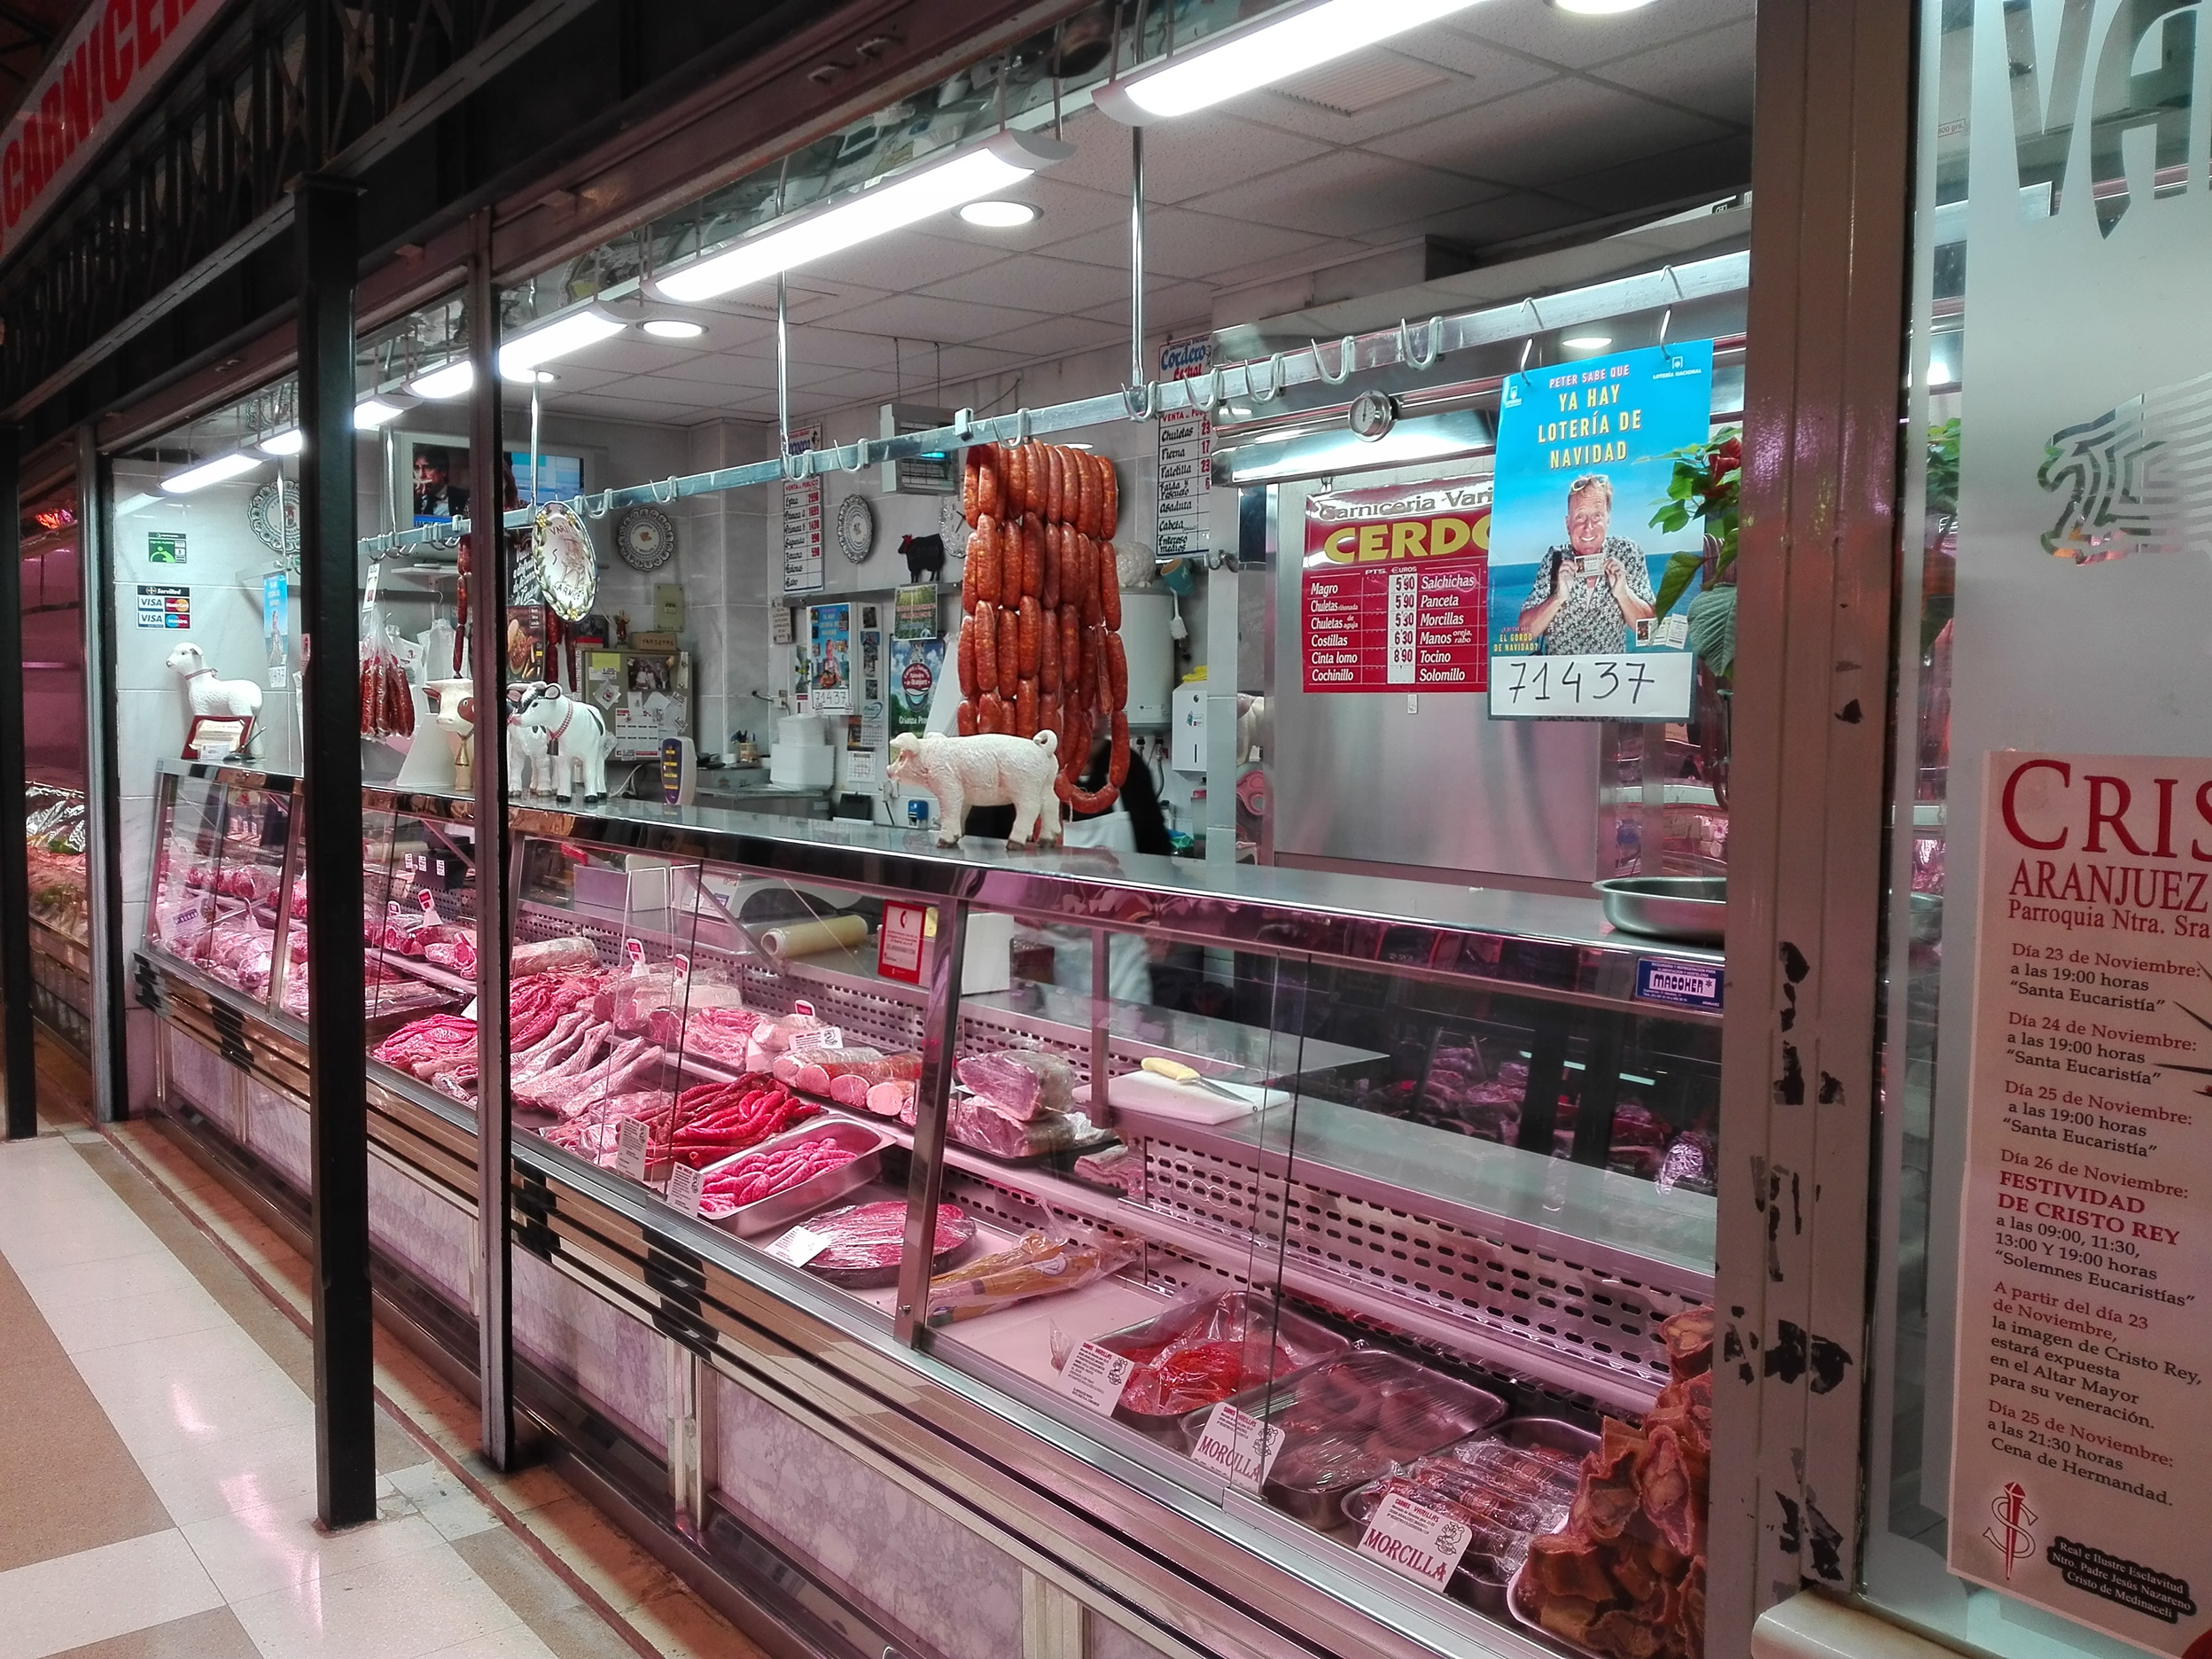 Carniceria Varillas (2)